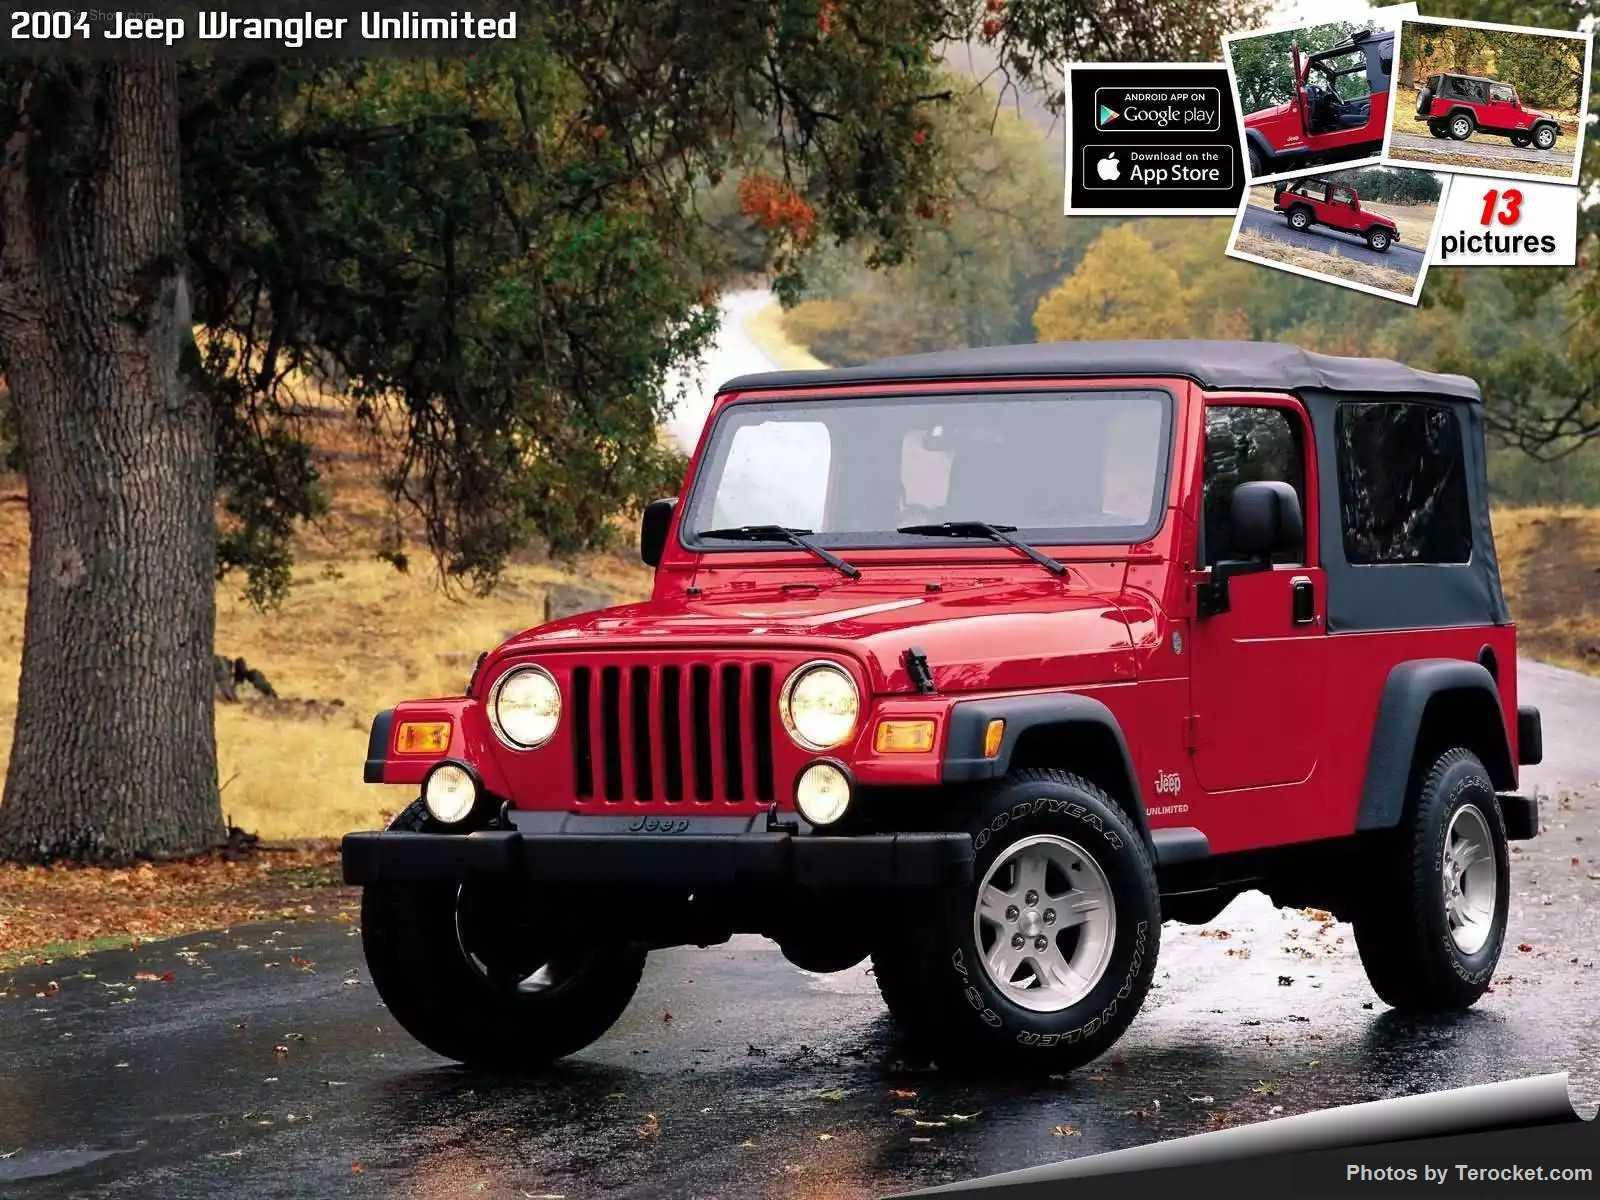 Hình ảnh xe ô tô Jeep Wrangler Unlimited 2004 & nội ngoại thất